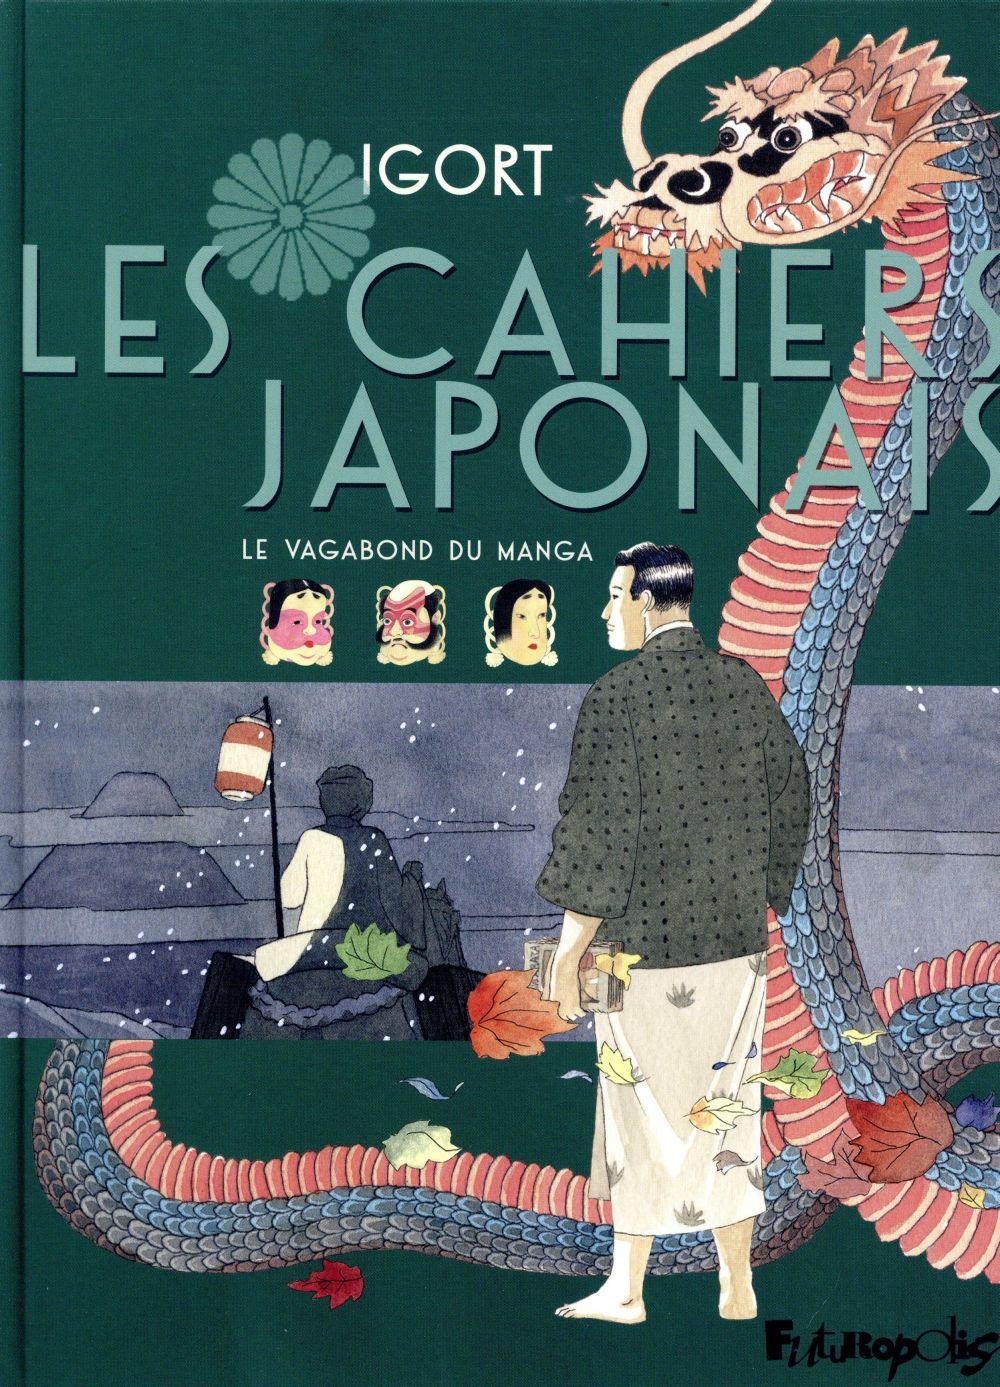 LES CAHIERS JAPONAIS T.2  -  LE VAGABOND DU MANGA IGORT GALLISOL